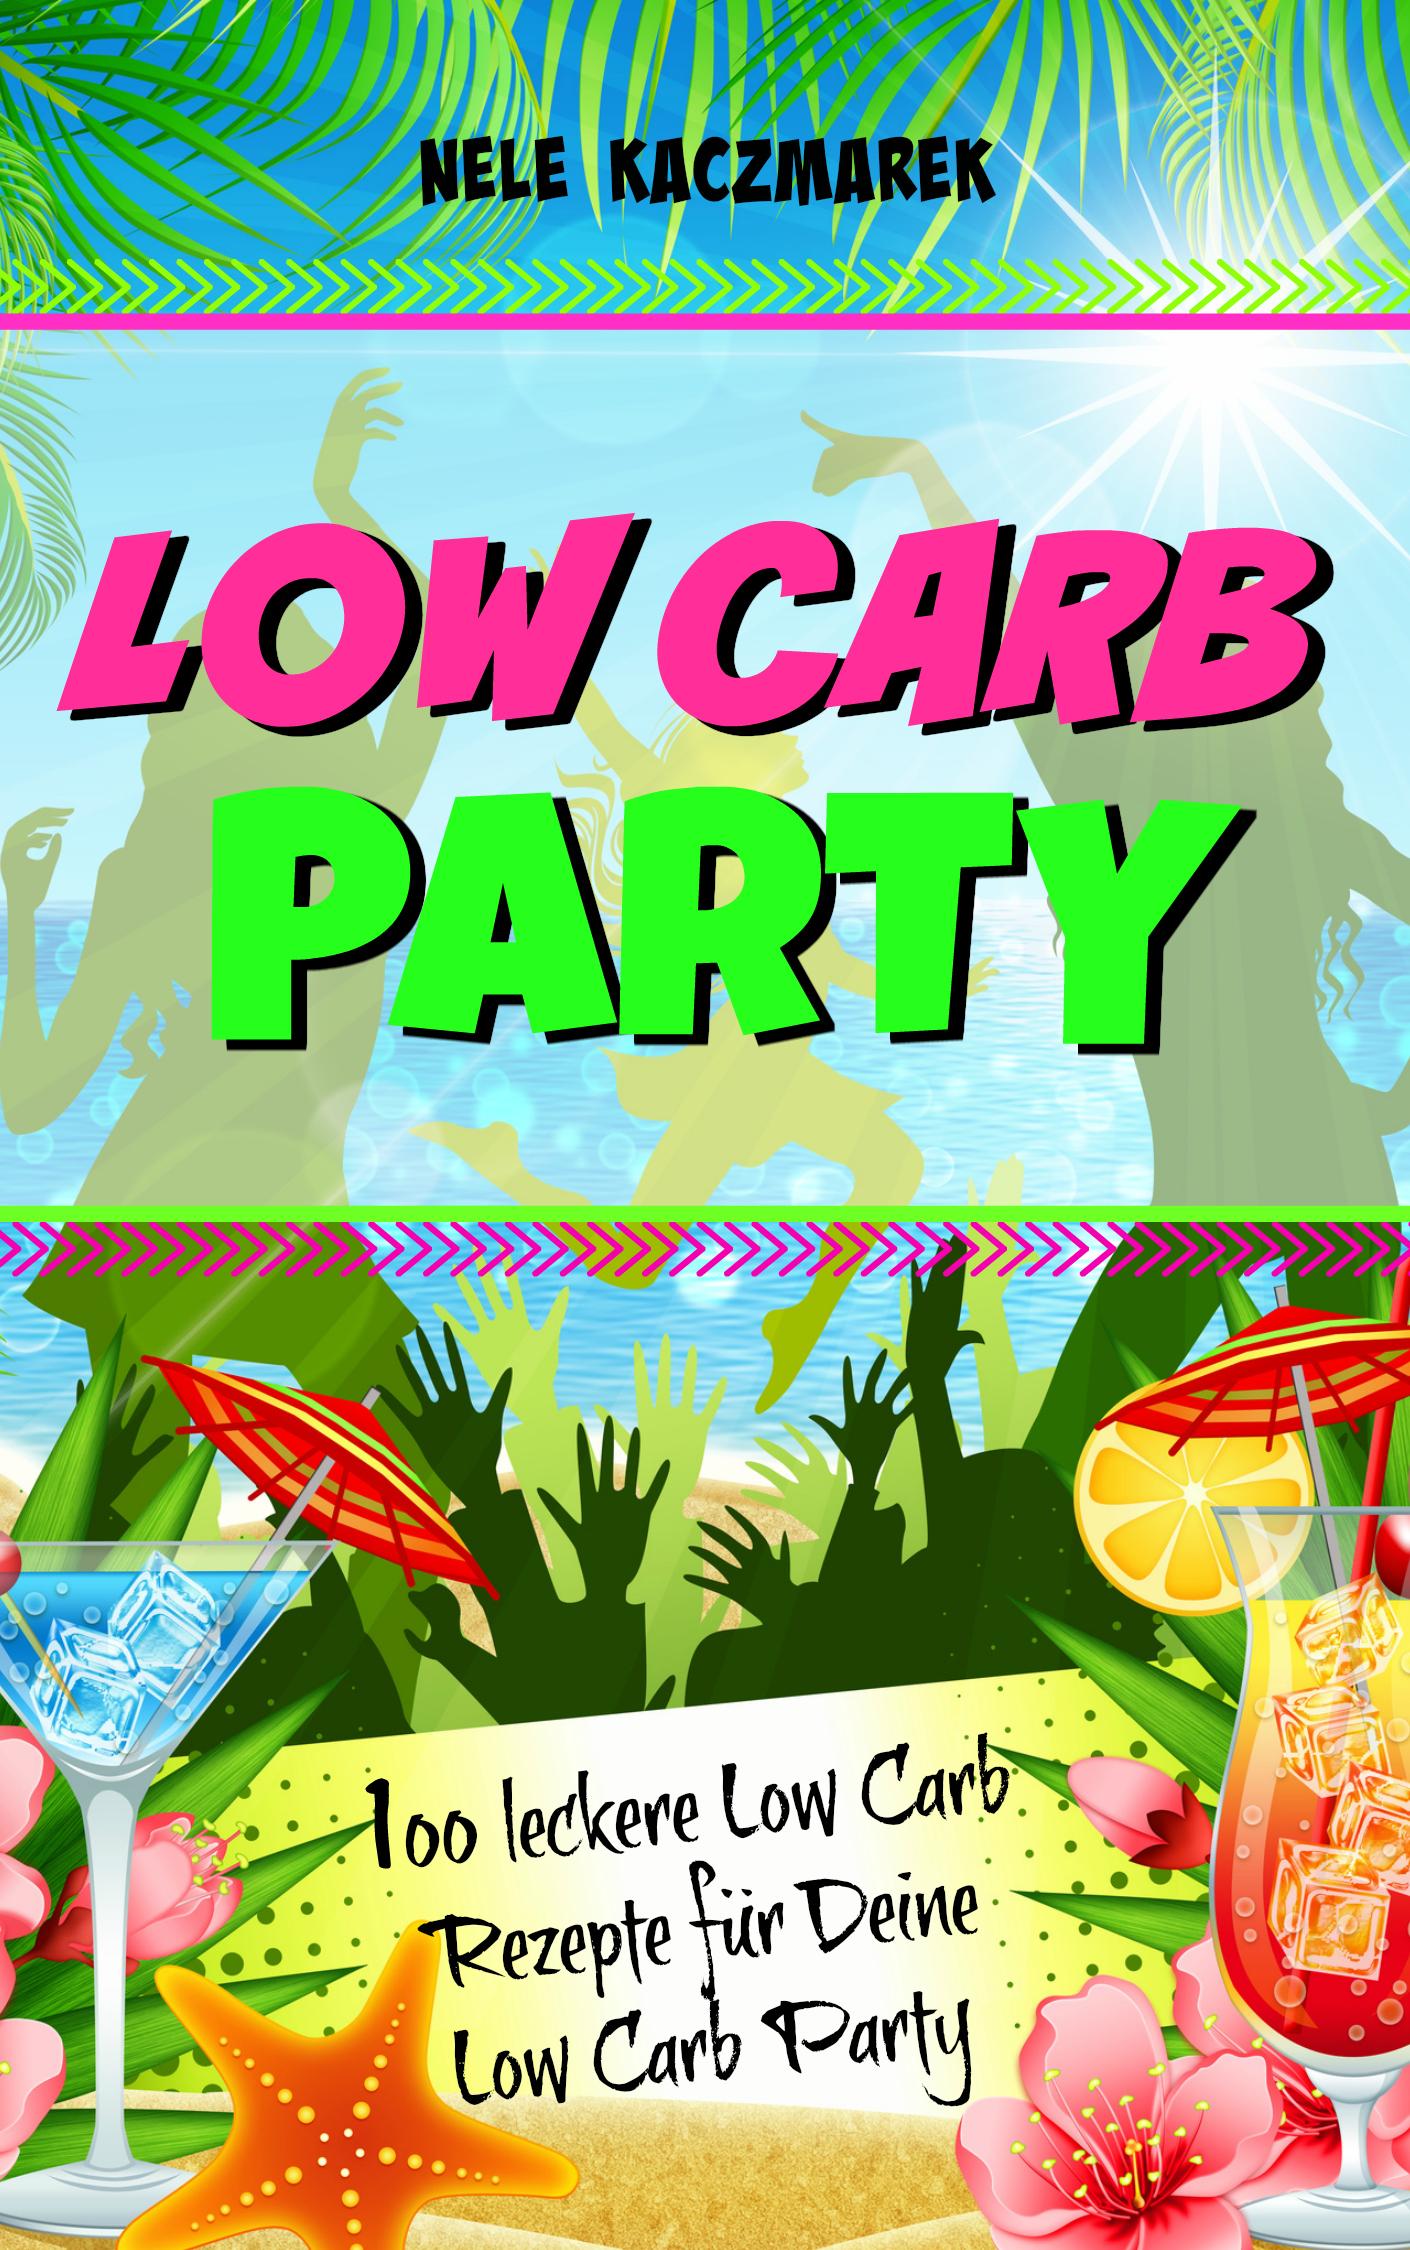 Low Carb Party - 100 leckere Low Carb Rezepte für Deine Feier - E-Book